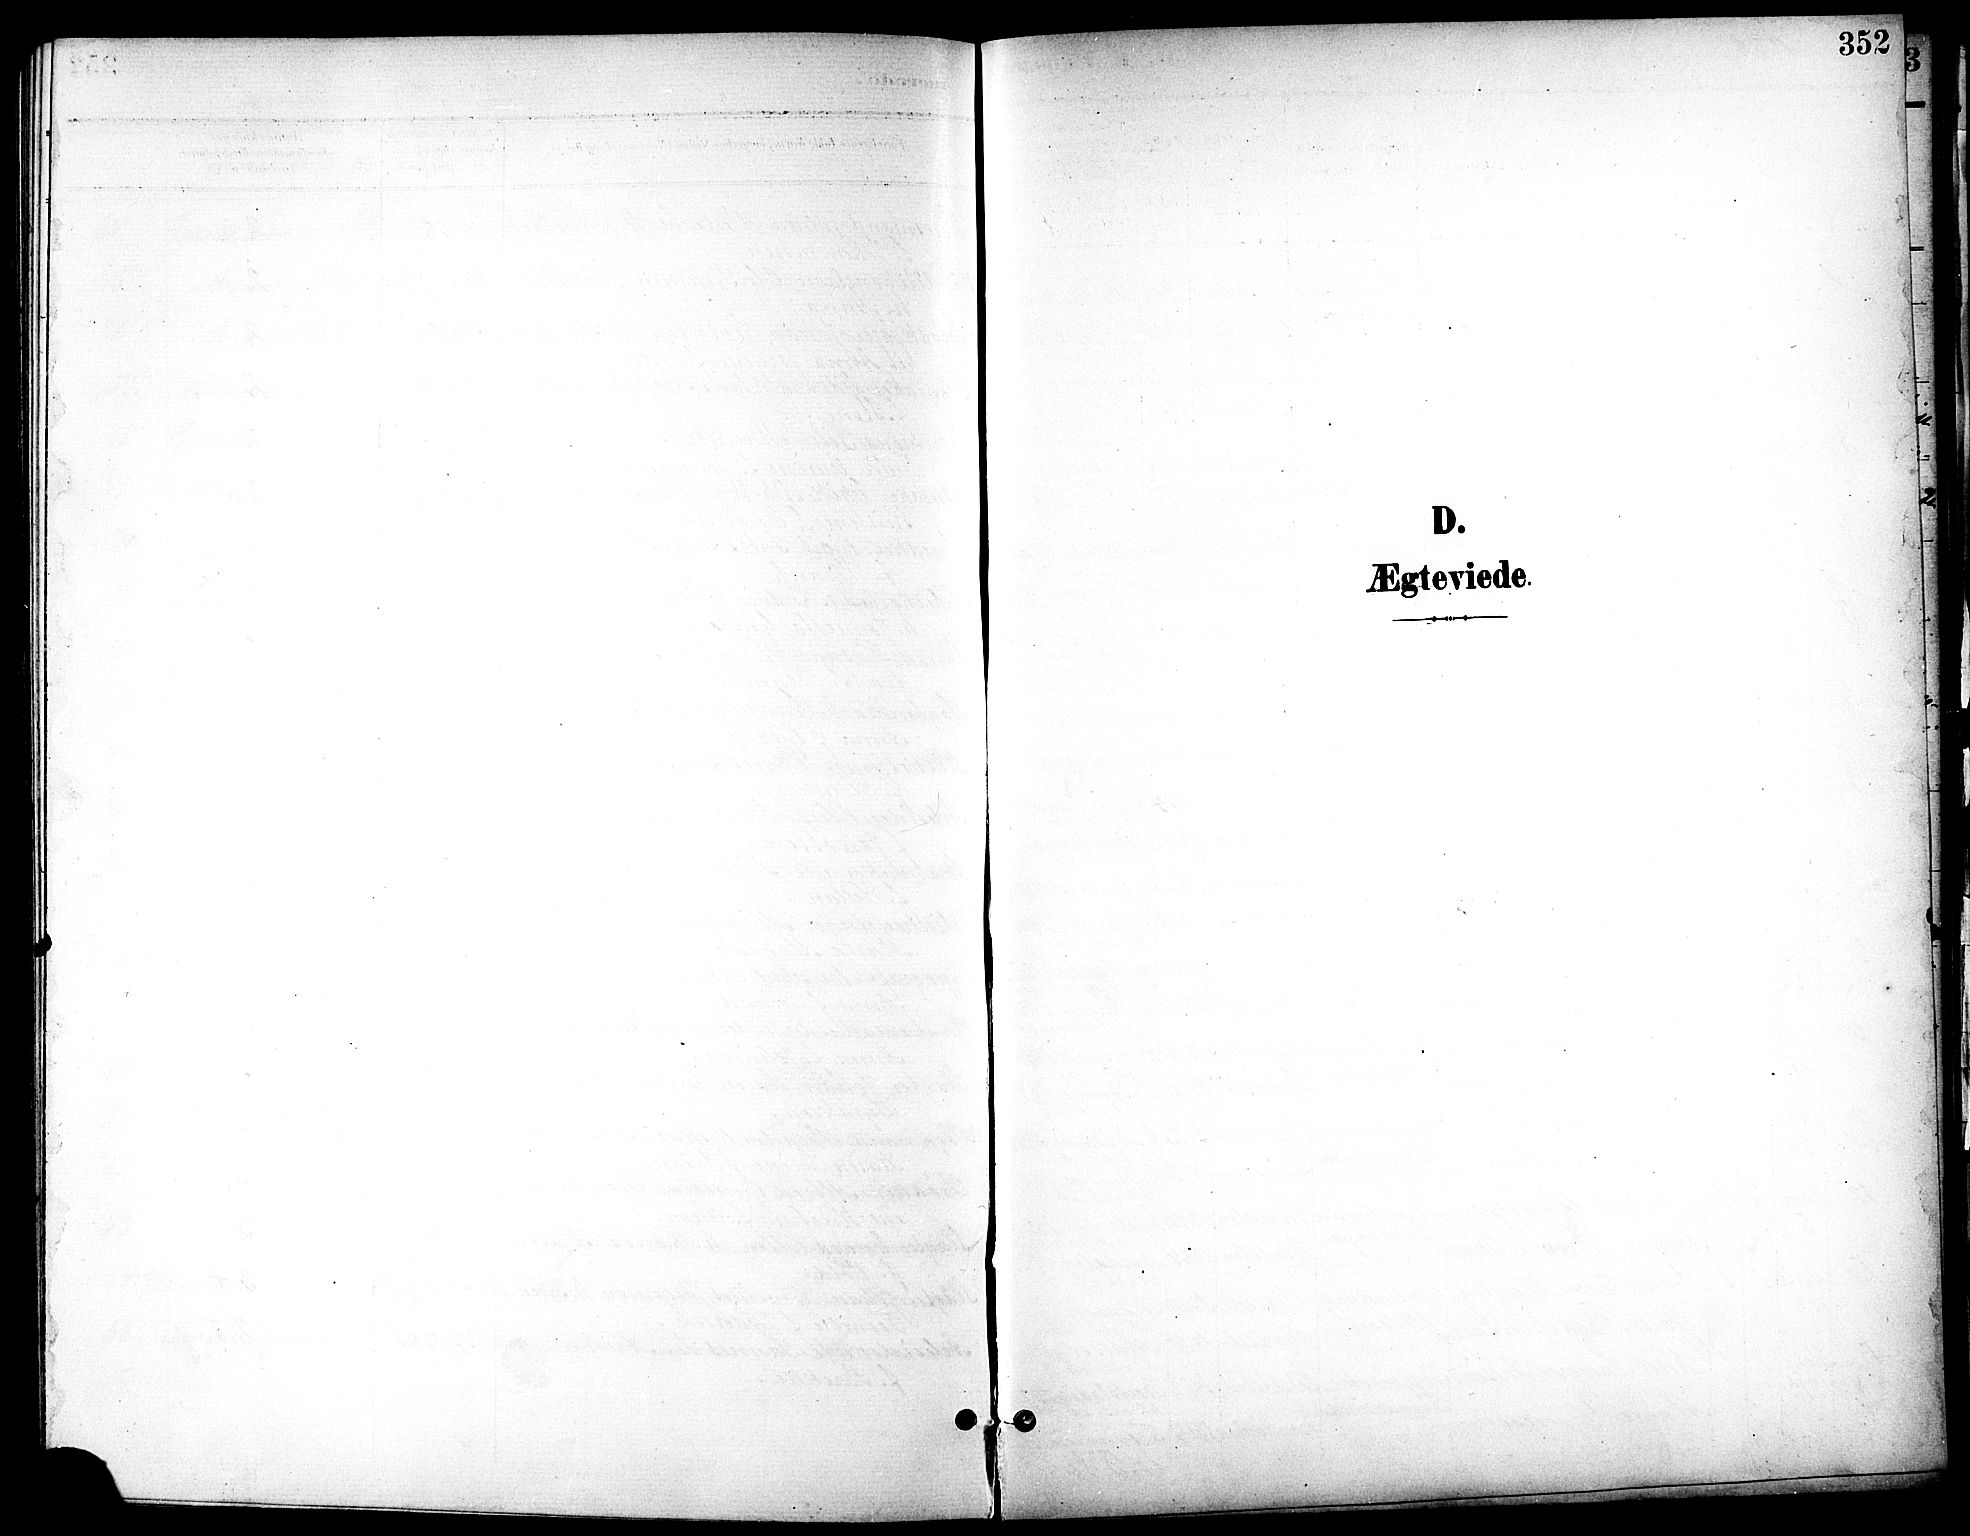 SAT, Ministerialprotokoller, klokkerbøker og fødselsregistre - Sør-Trøndelag, 601/L0094: Klokkerbok nr. 601C12, 1898-1911, s. 352